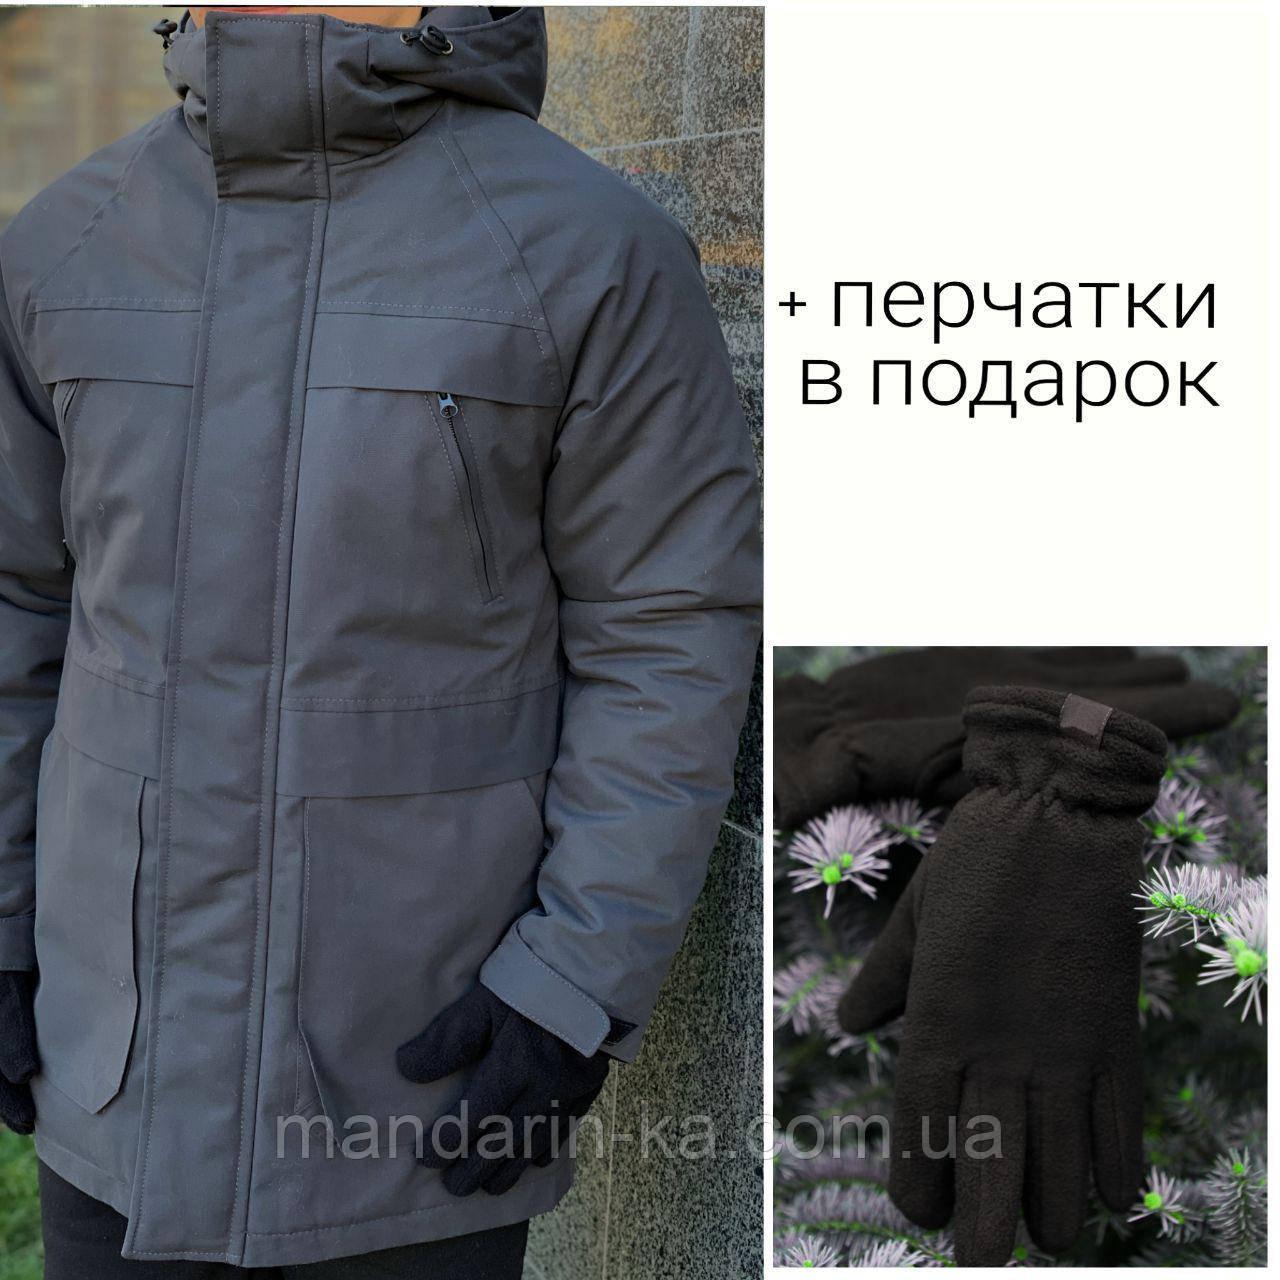 """Парка мужская зимняя серая   Winter Parka """"Arctic""""+ Перчатки в подарок"""